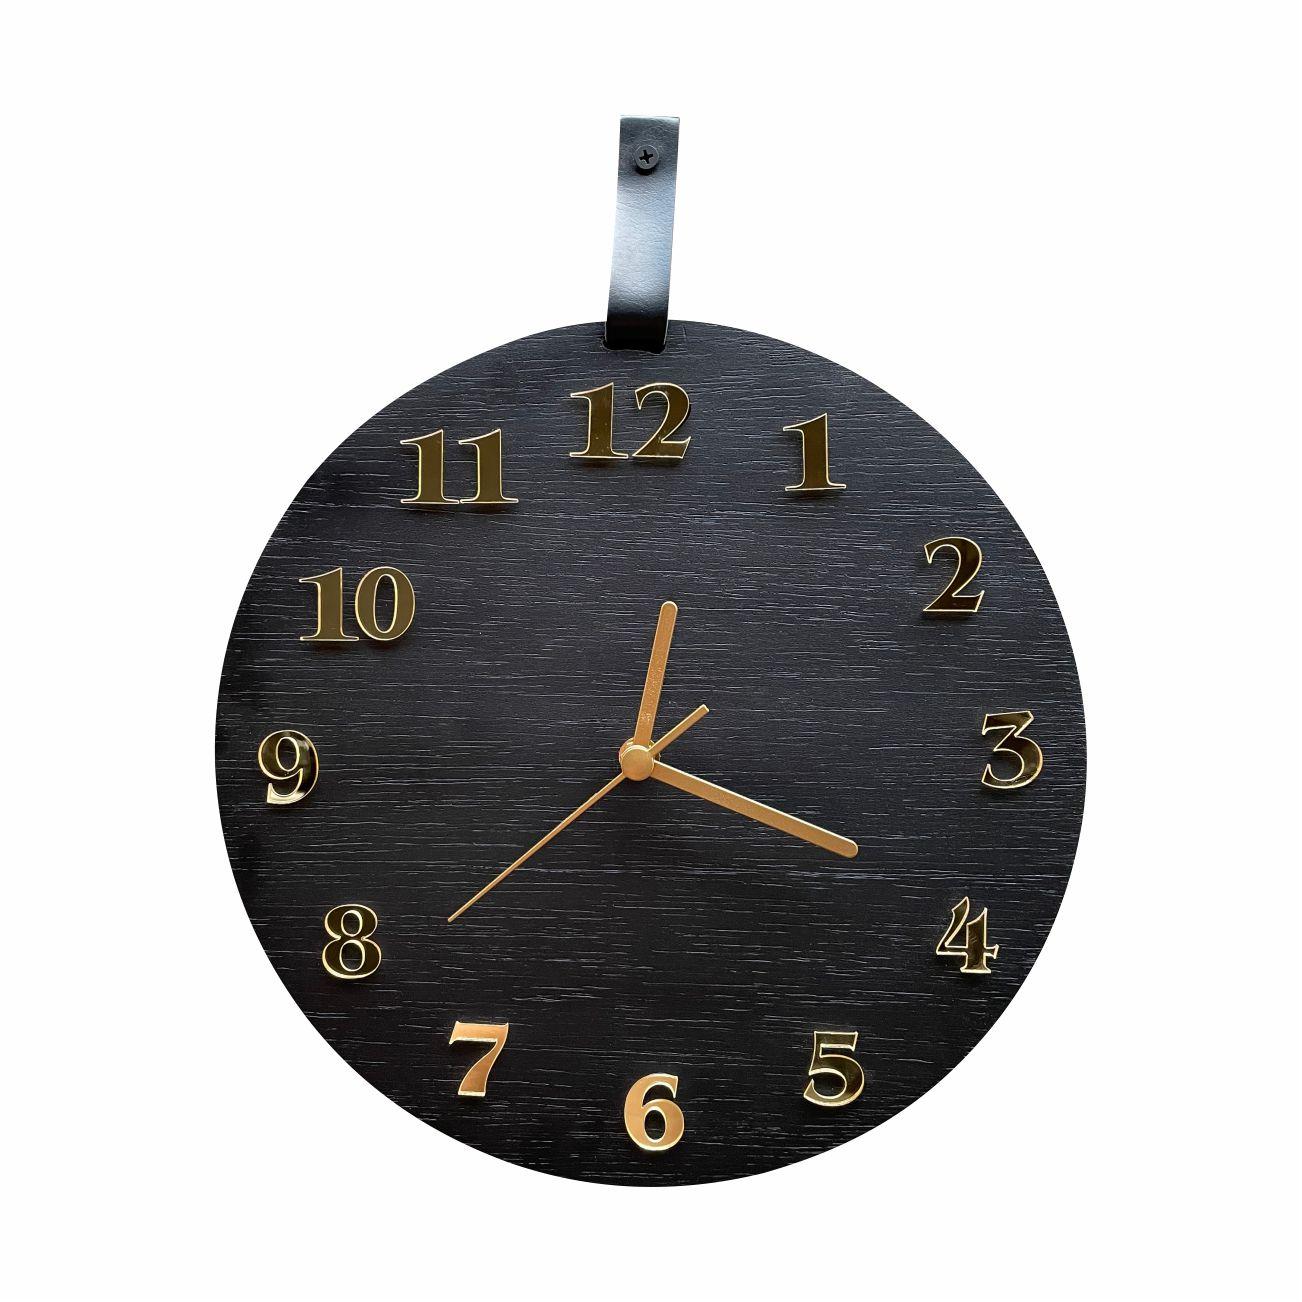 Relógio De Parede Decorativo Moderno Preto Fosco e Dourado